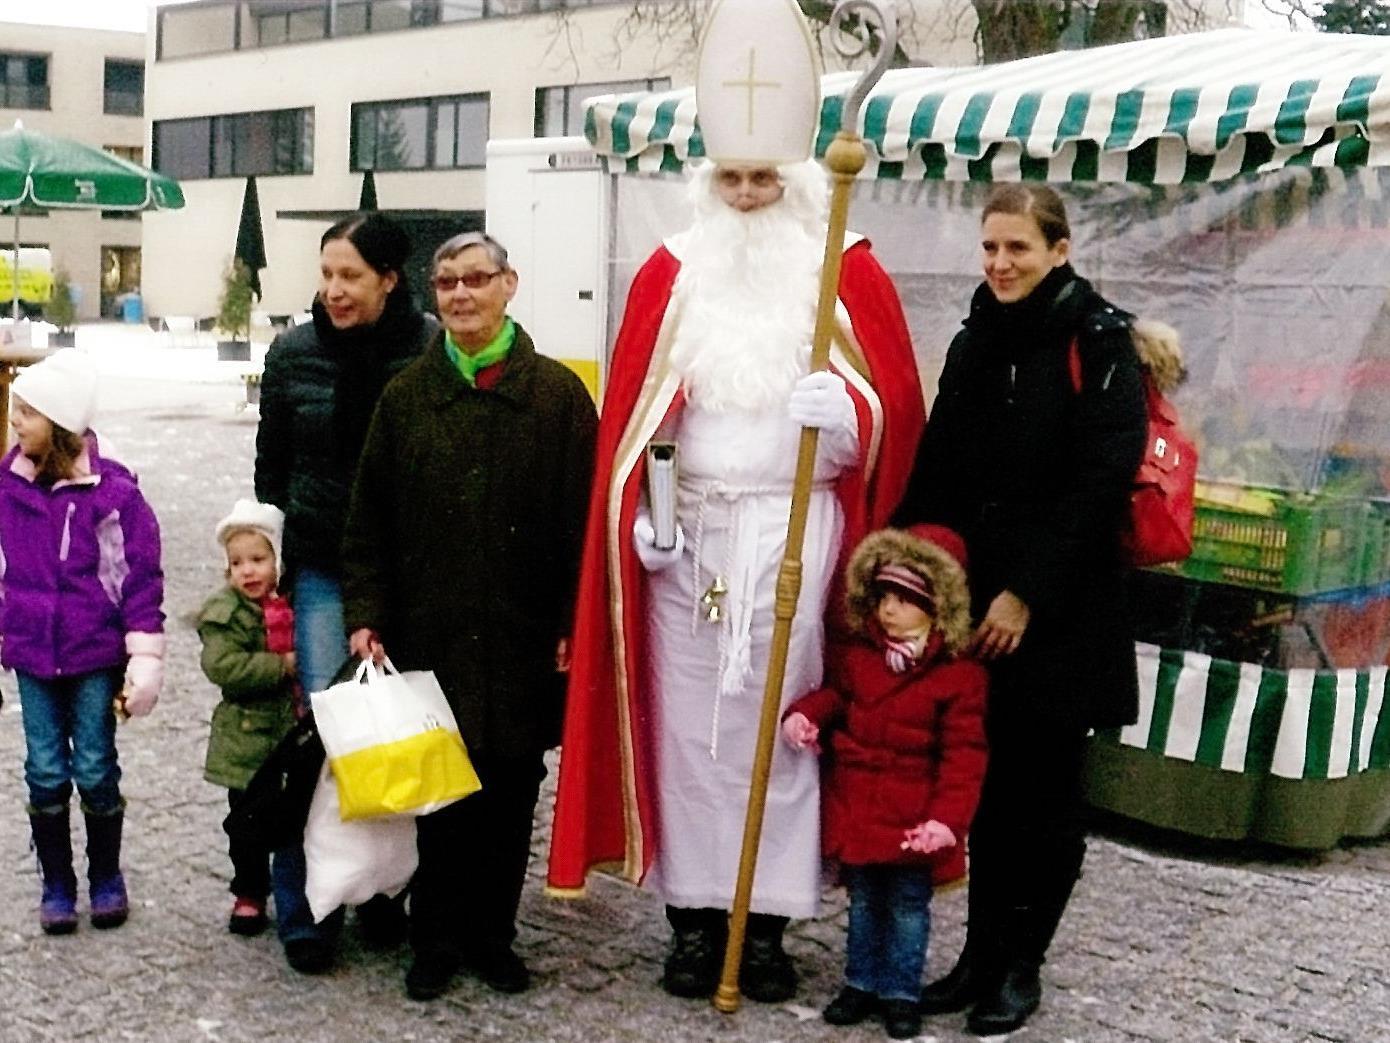 Eine kleine Bescherung für die Marktbesucher bringt der Nikolaus am Mittwoch, den 7. Dezember.